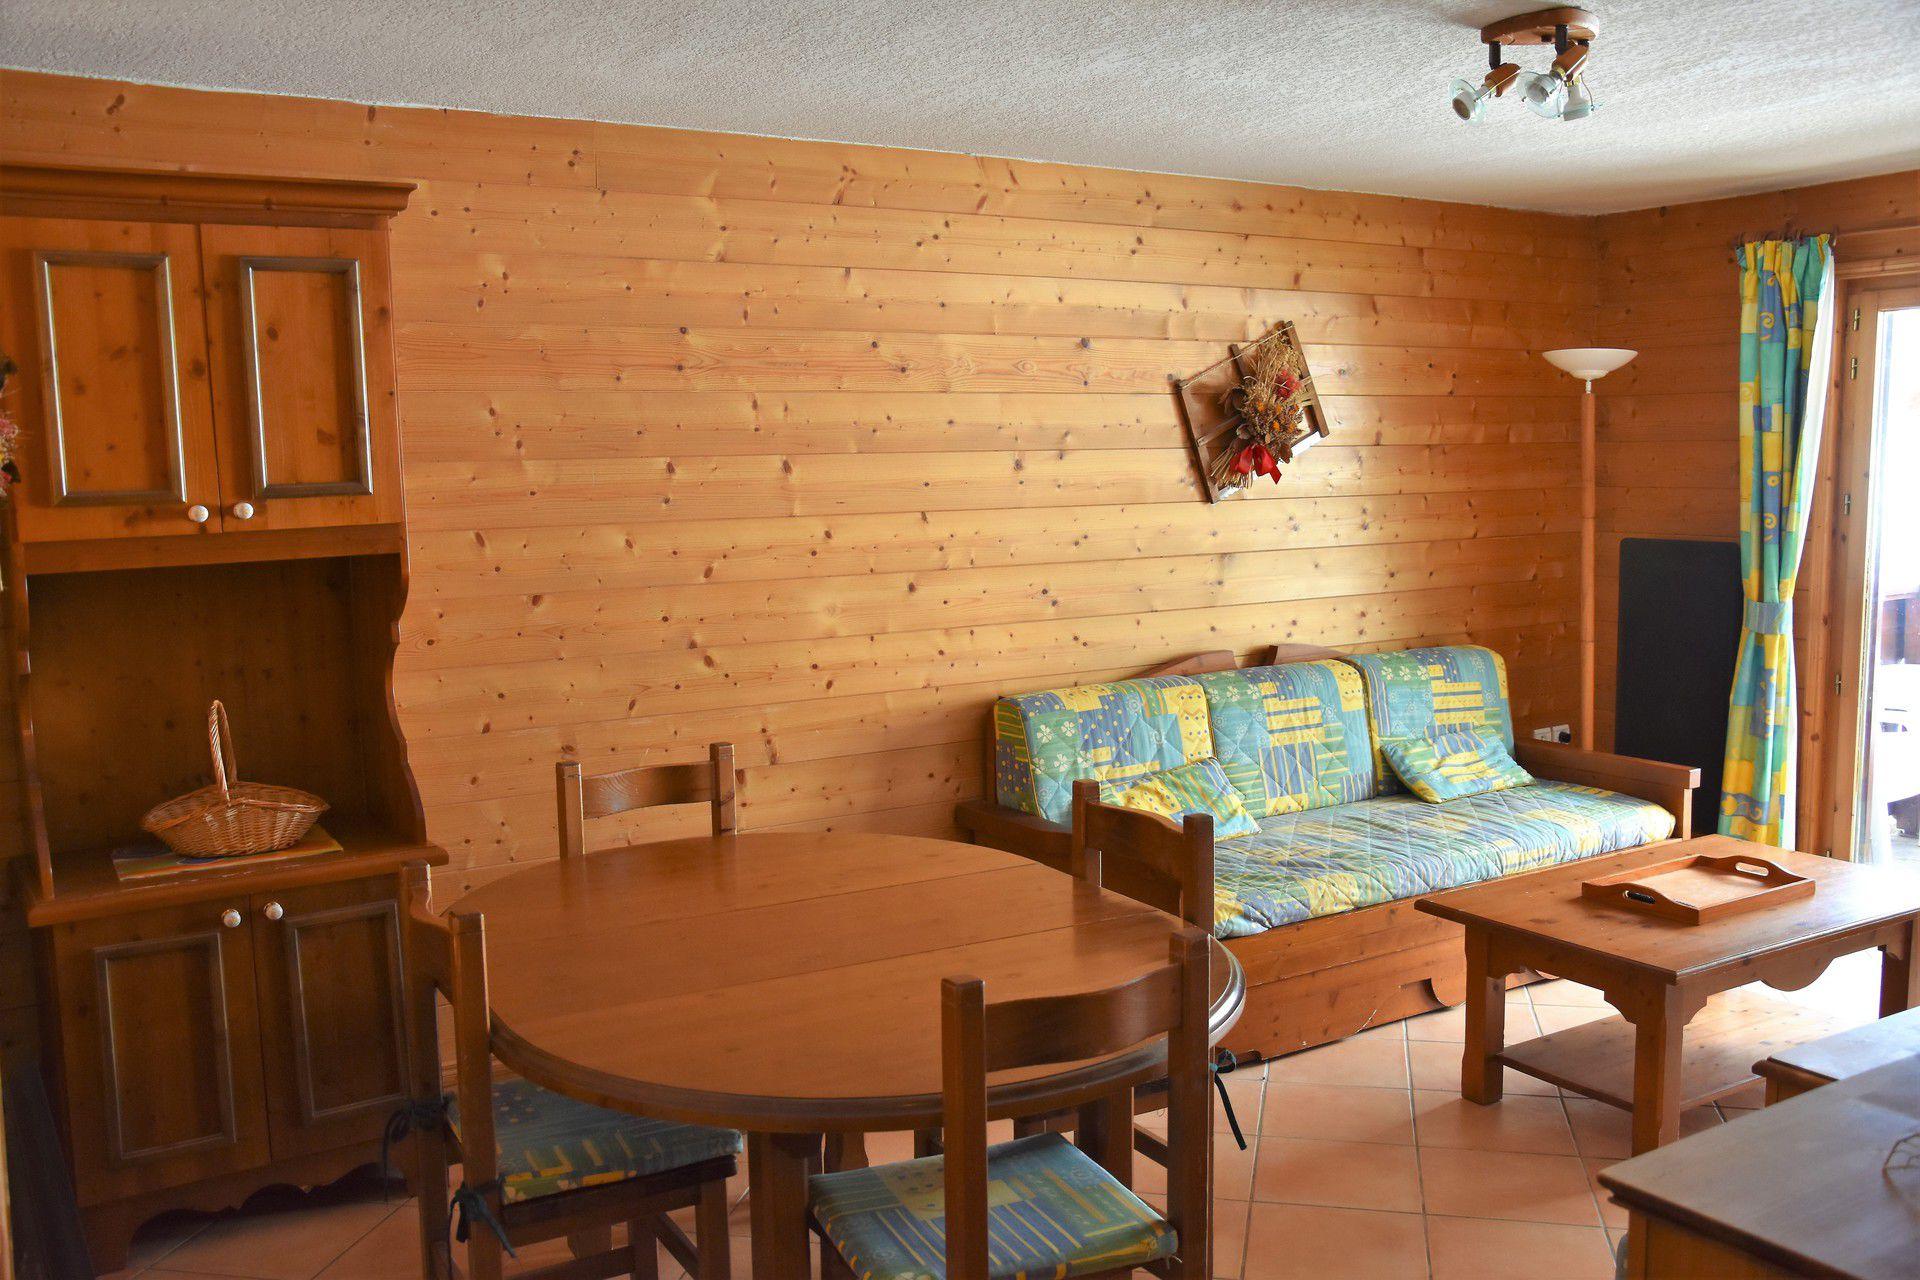 Location référence : ALP4C à Pralognan la Vanoise